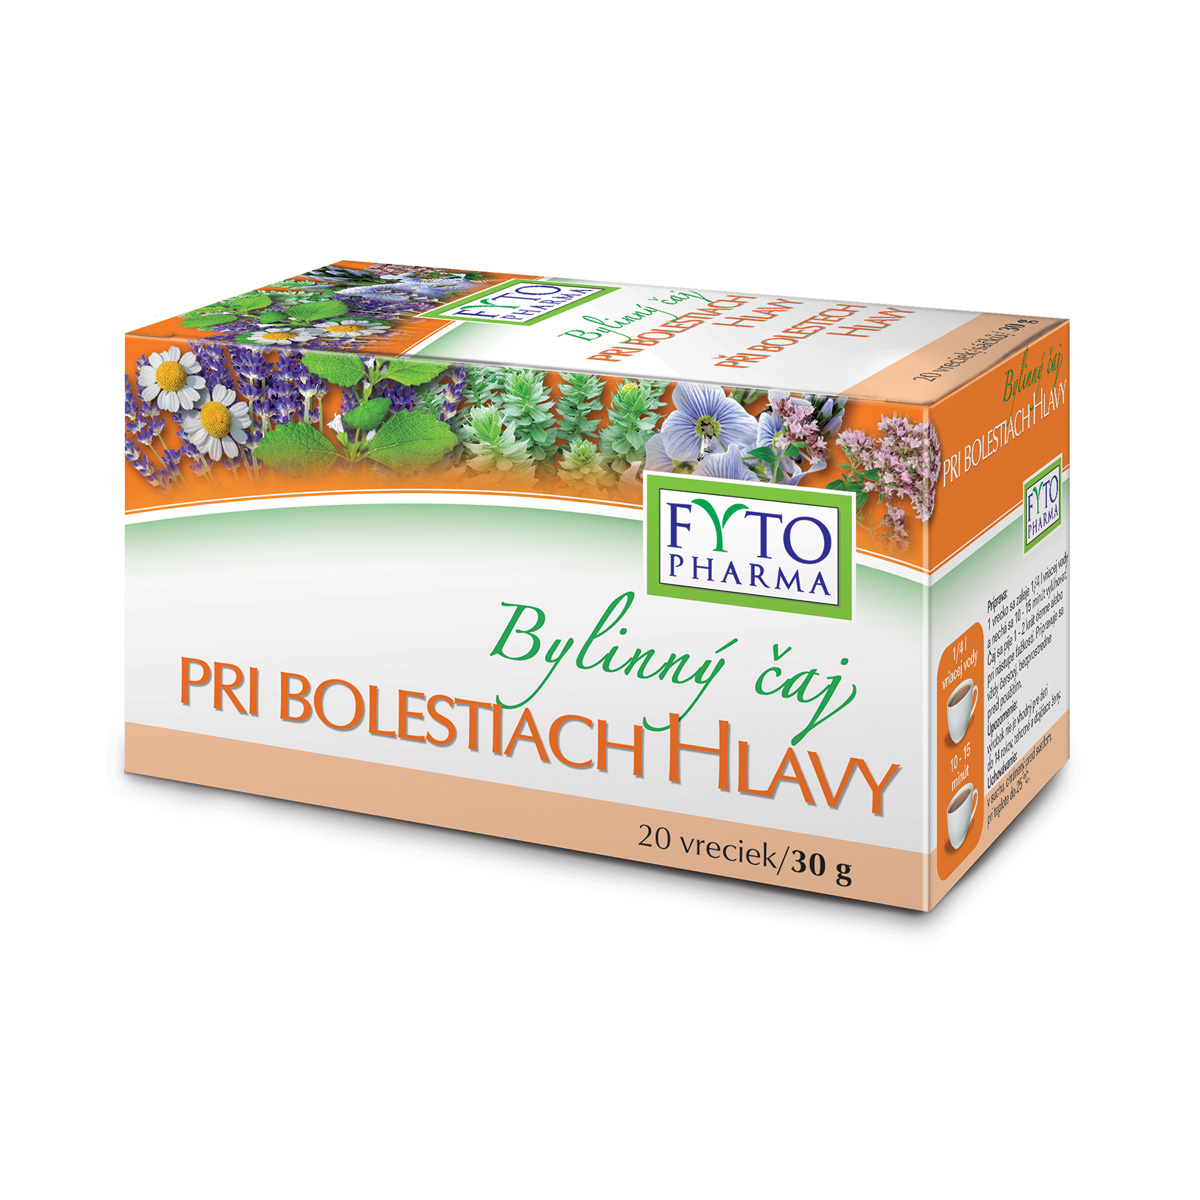 Fytopharma Bylinný čaj při bolestech hlavy 20 x 1,5 g